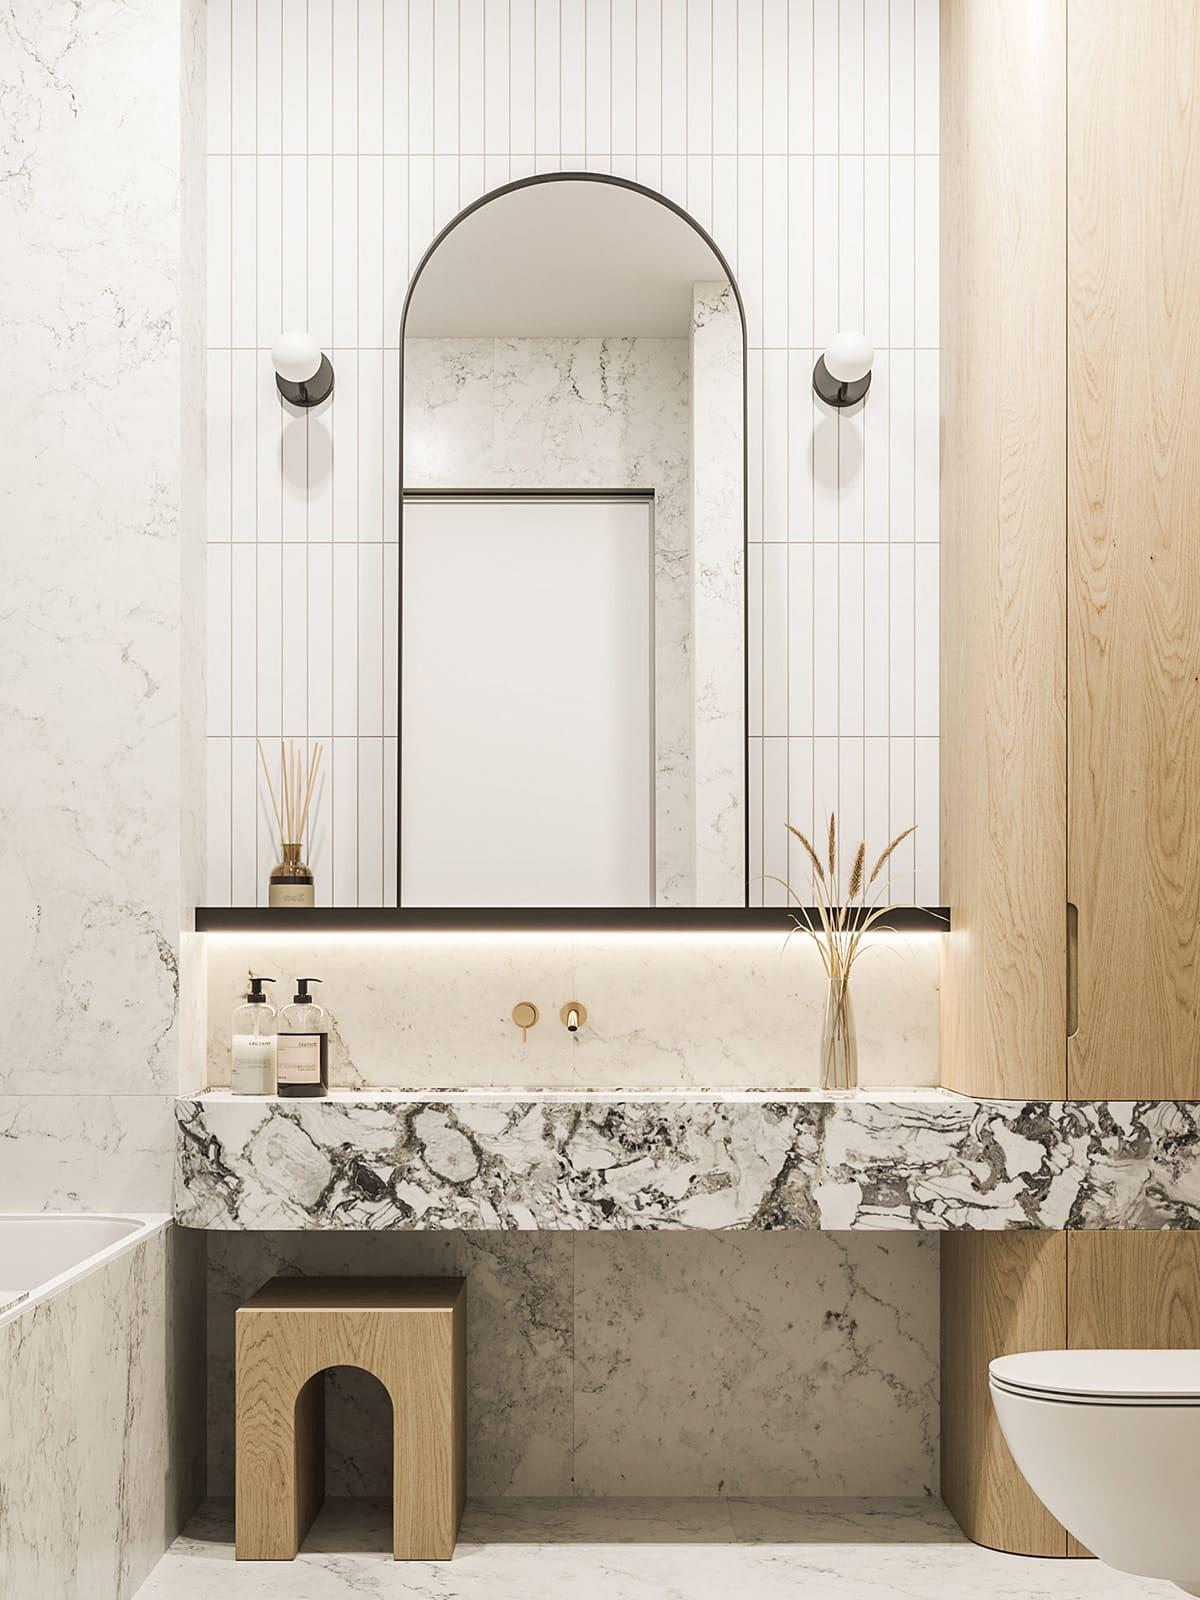 дизайн интерьера ванной комнаты фото 51